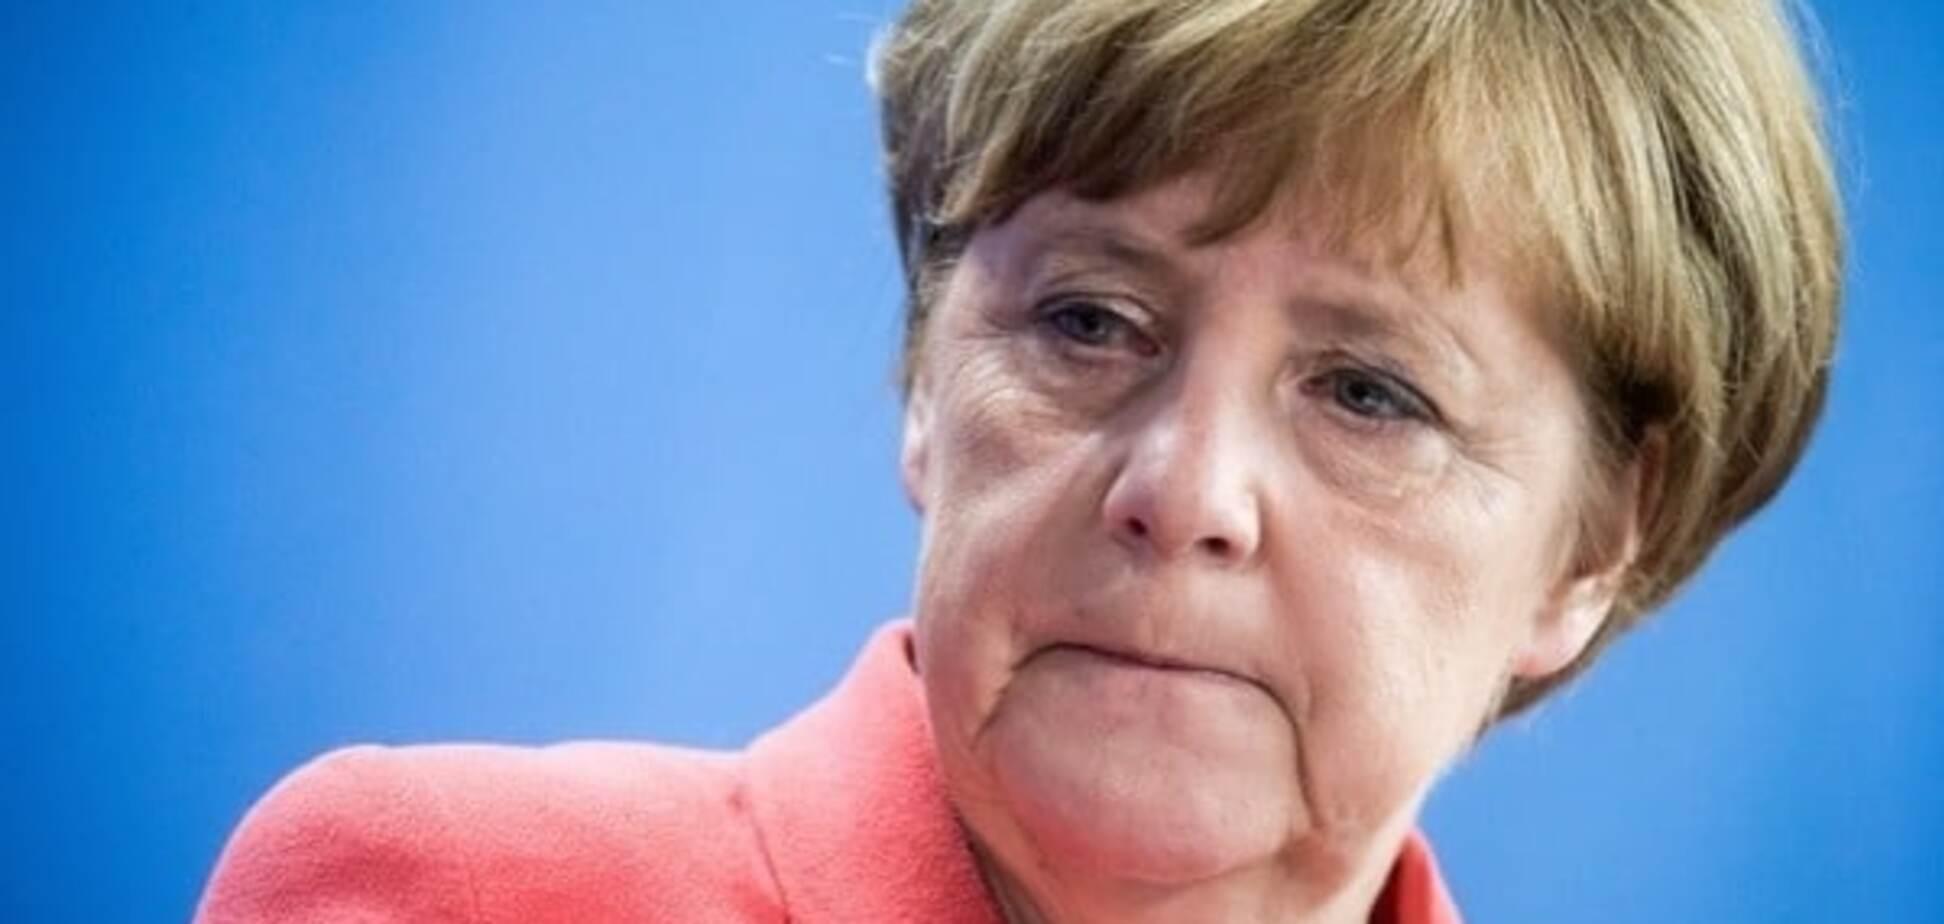 'Центр ваги зміщується': Die Welt описала зустріч, від якої Меркель 'повинна тремтіти'